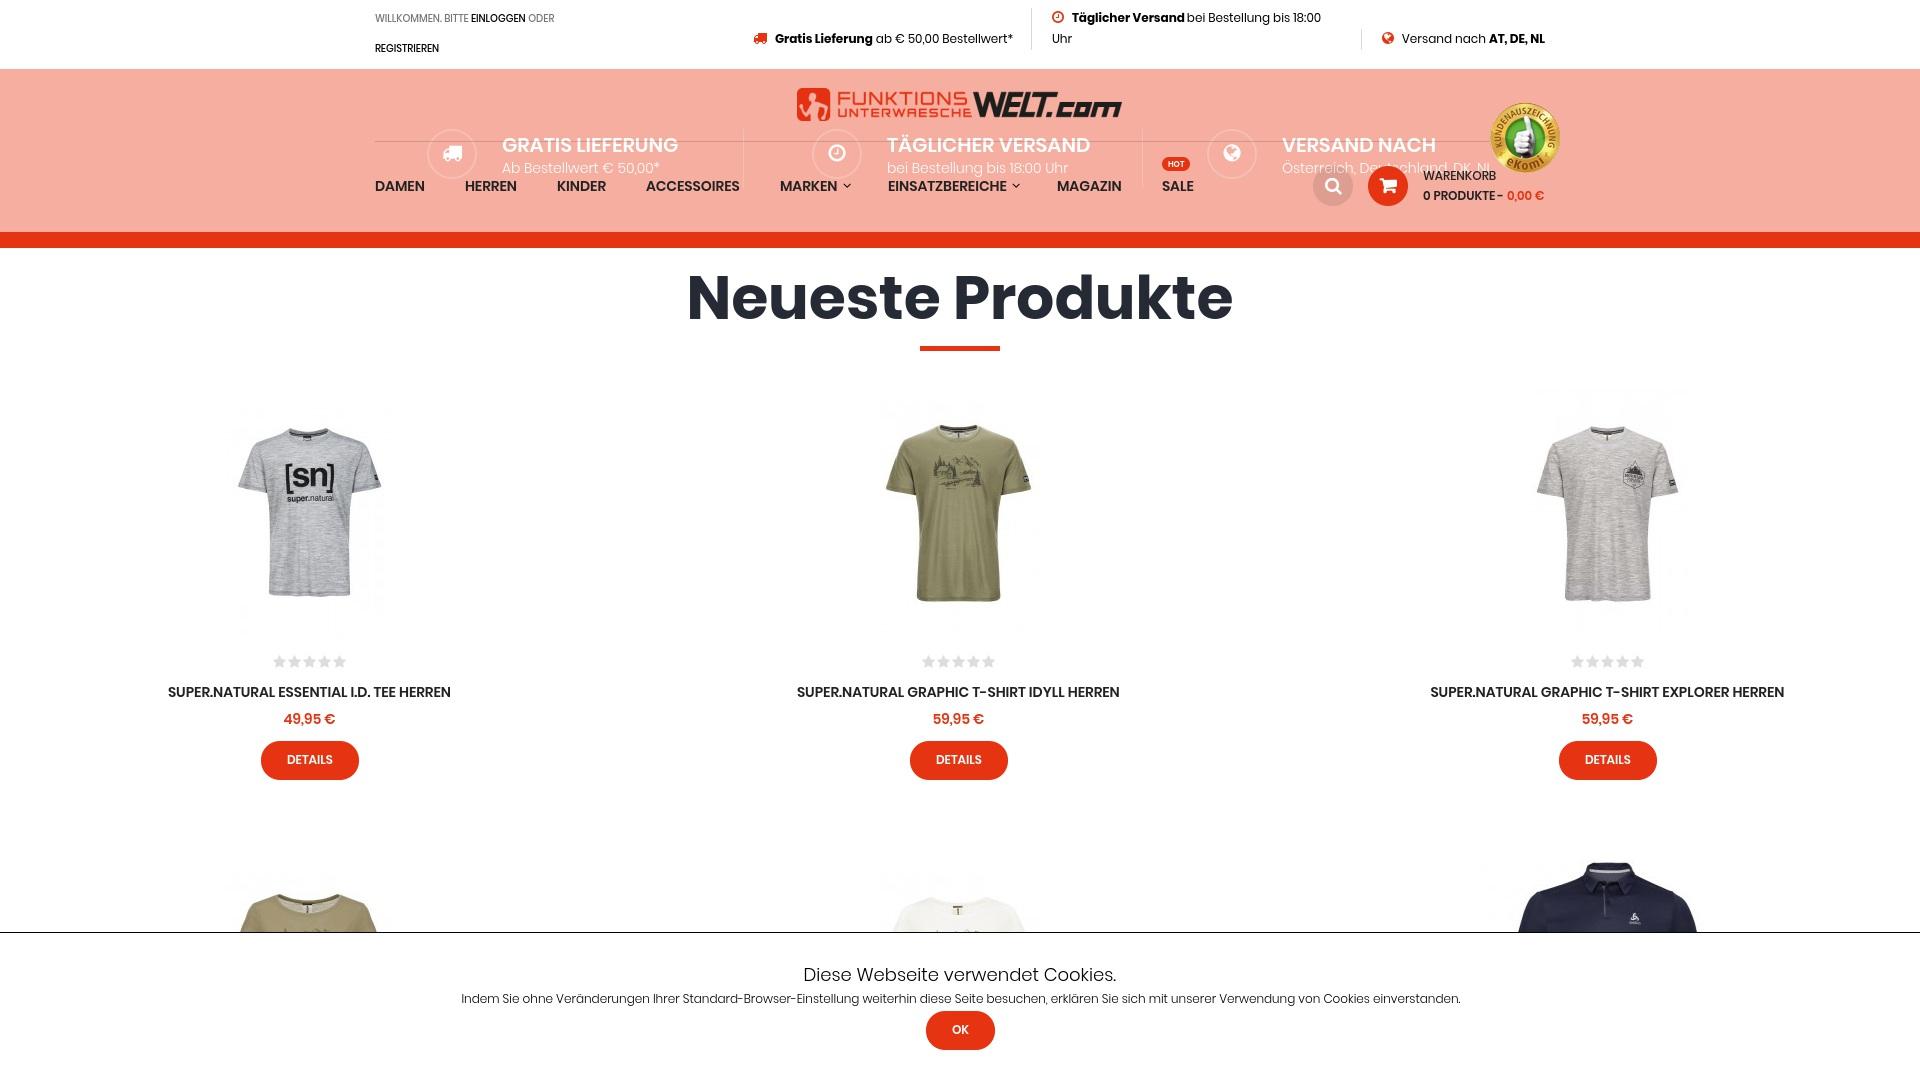 Gutschein für Funktionsunterwaeschewelt: Rabatte für  Funktionsunterwaeschewelt sichern